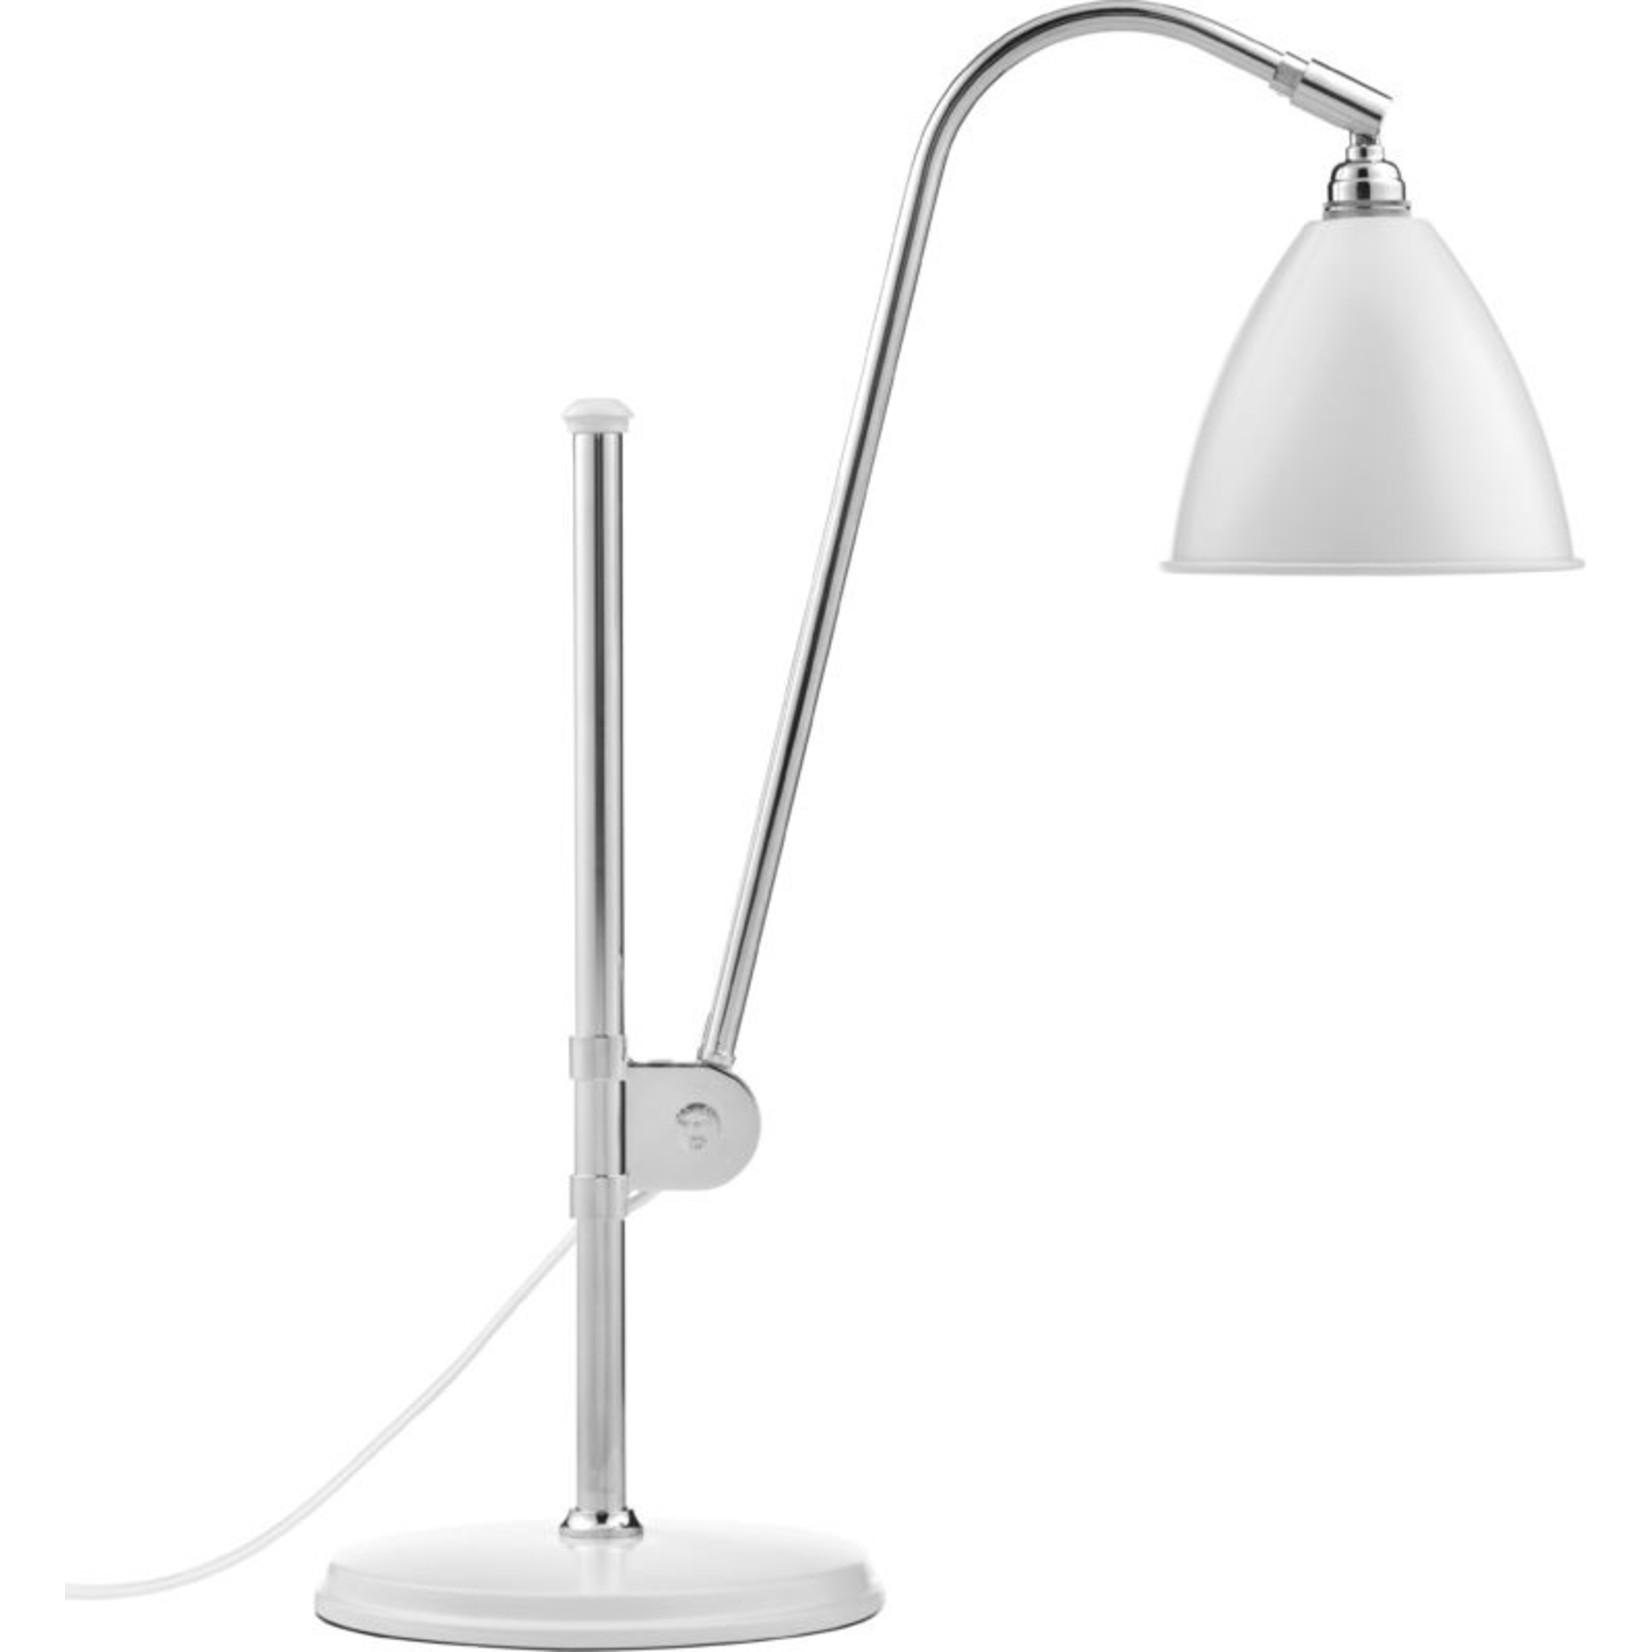 Gubi Lampe de table BL1 - Ø16 | Base chromée et abat-jour semi-mat blanc doux